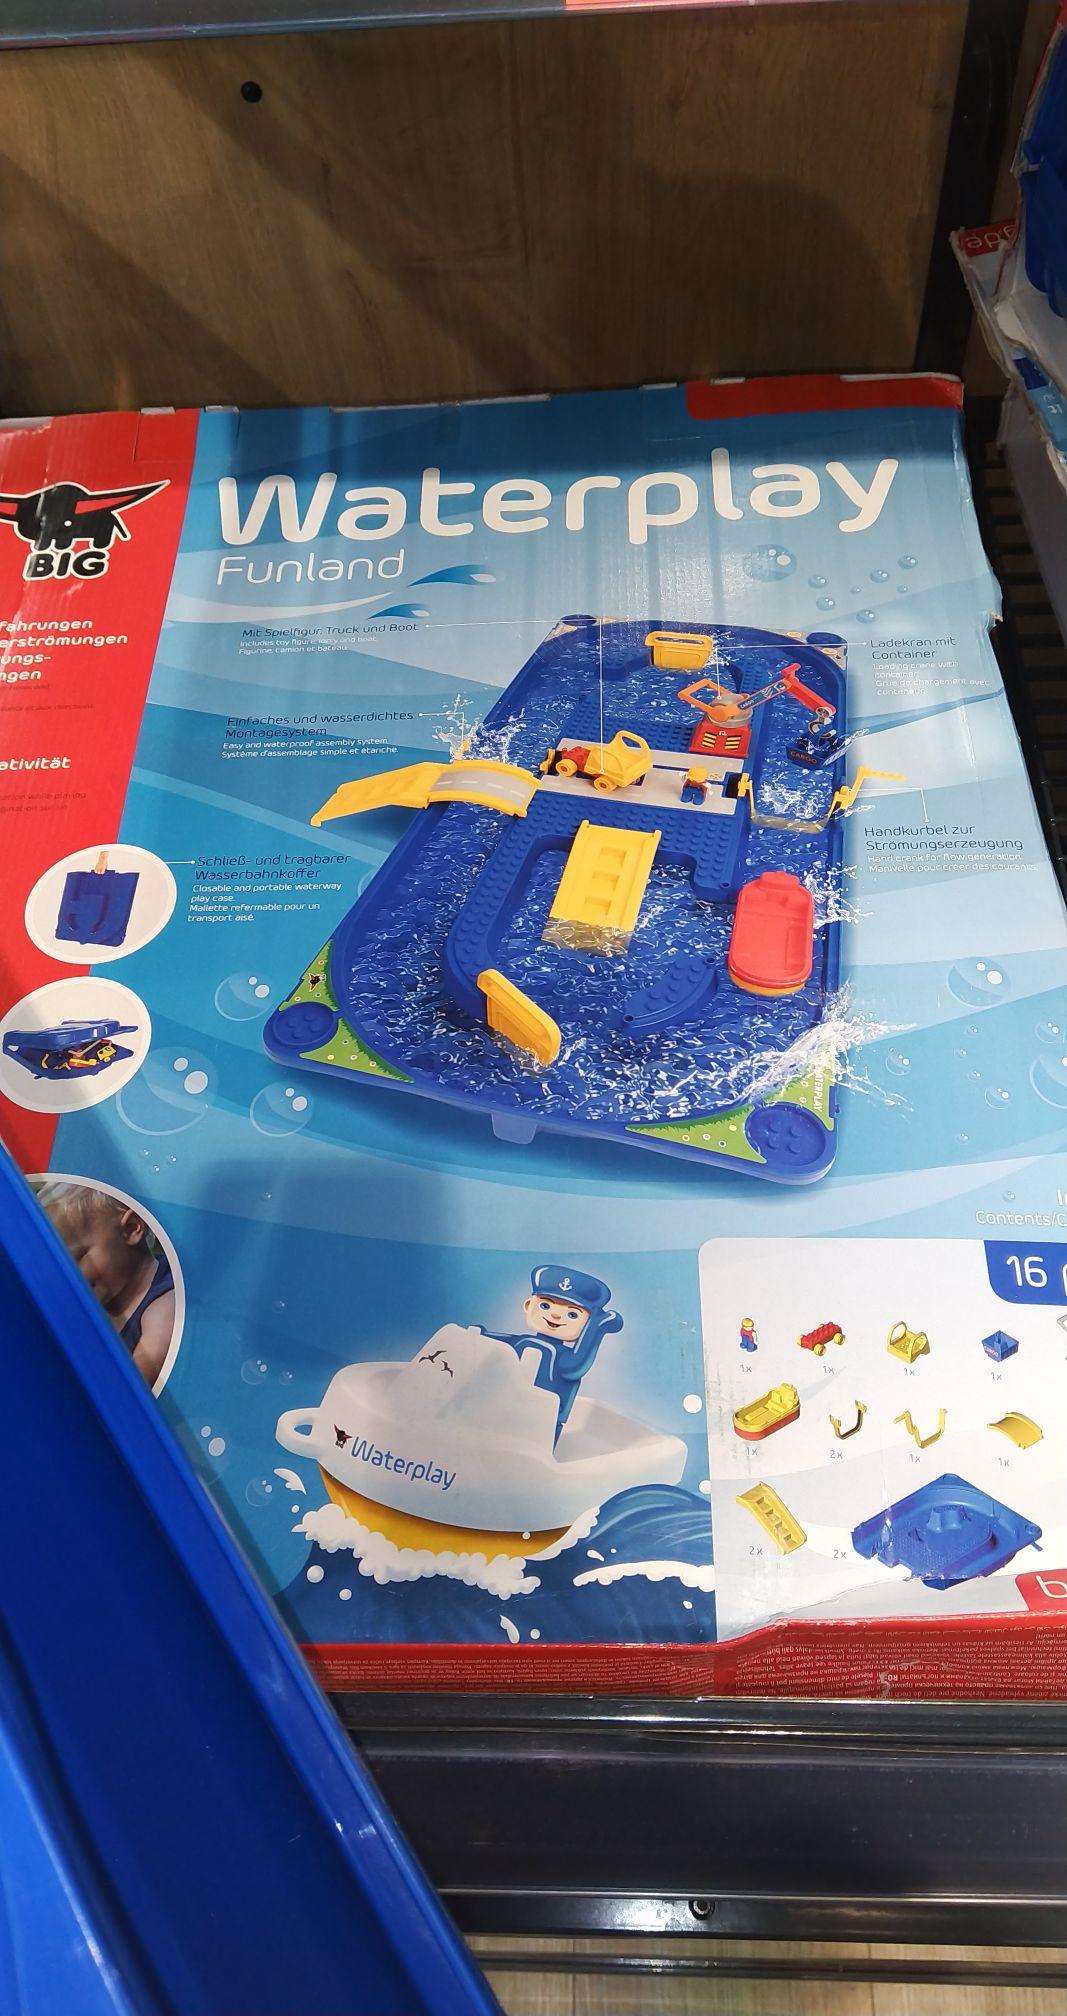 Kaufland Kraków Wielicka Big waterplay funland - kompatybilna z duplo